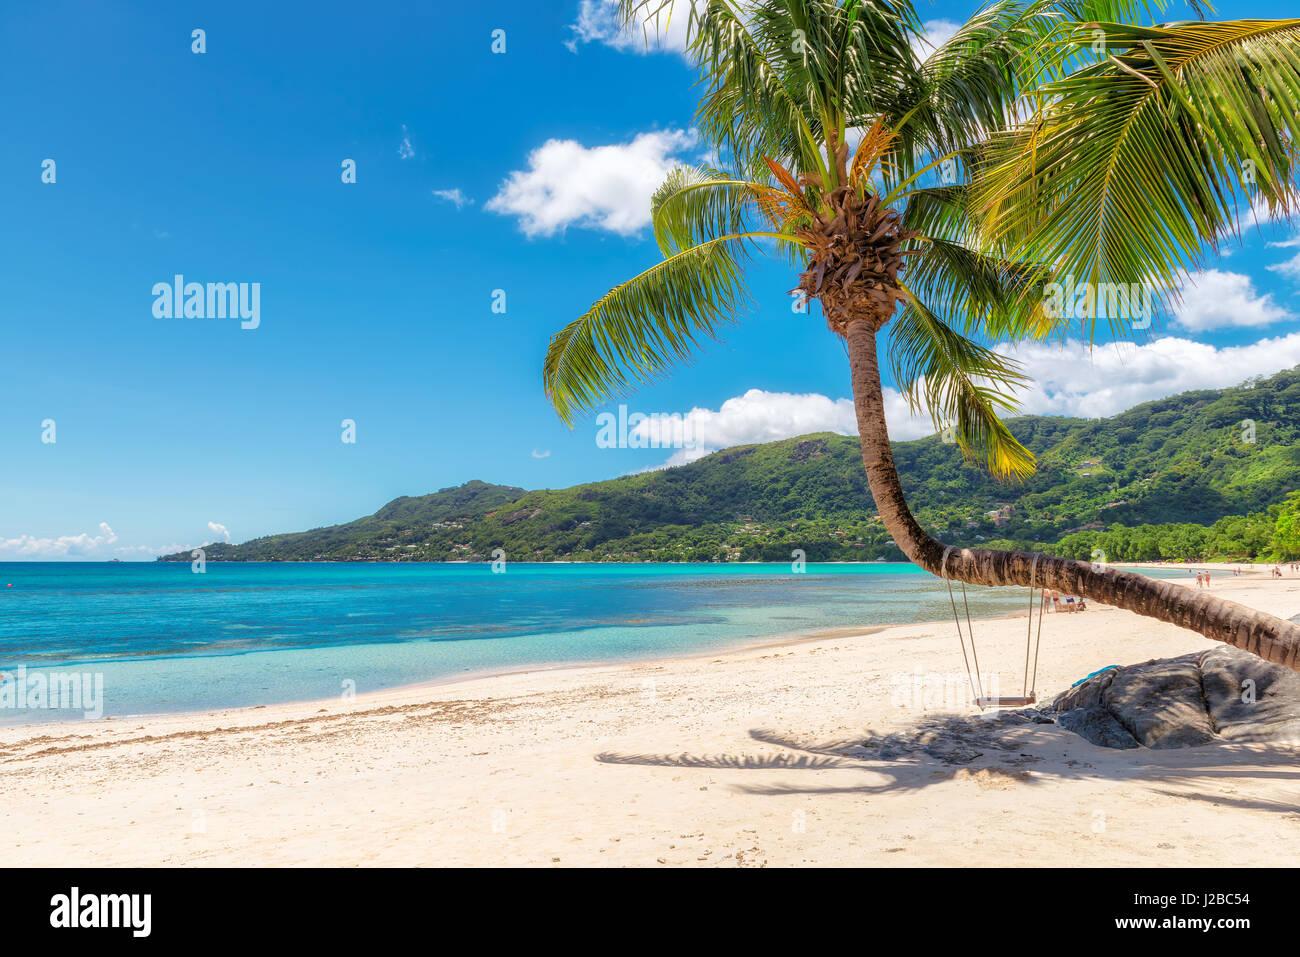 Vue sur la magnifique plage de Beau Vallon avec coconut palm tree sur l'île de Mahé, Seychelles. Photo Stock